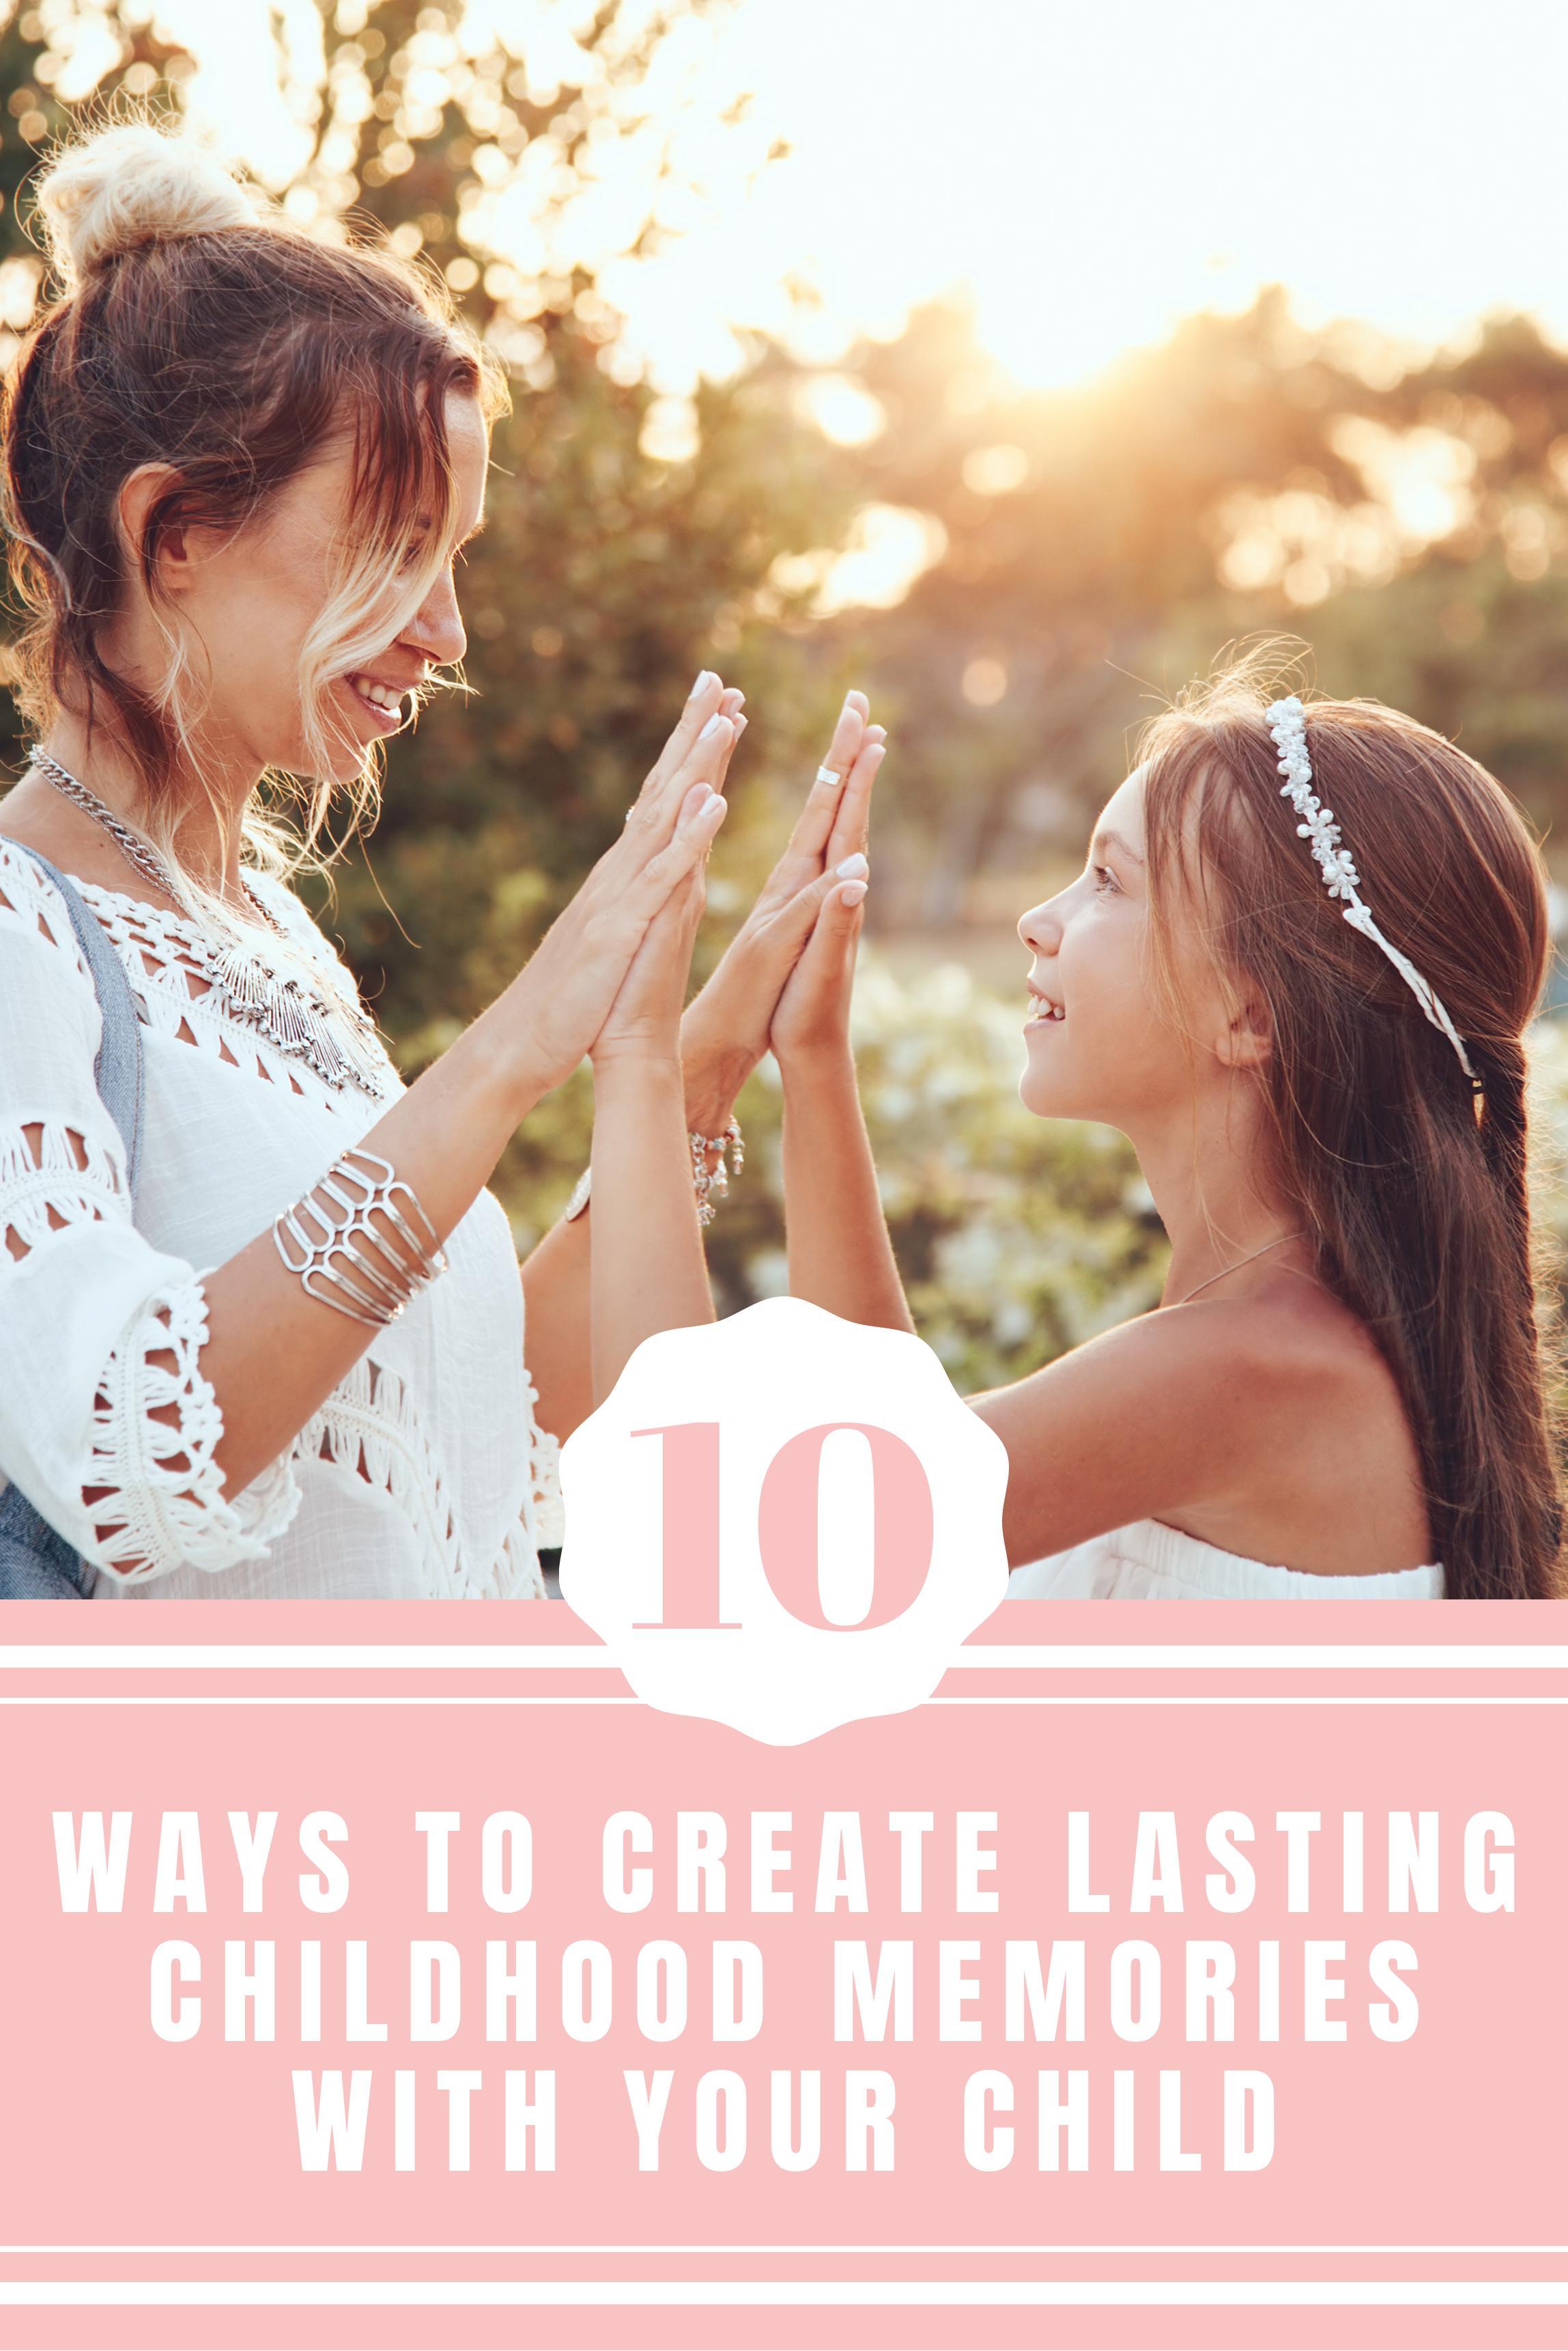 Creating Lasting Childhood Memories